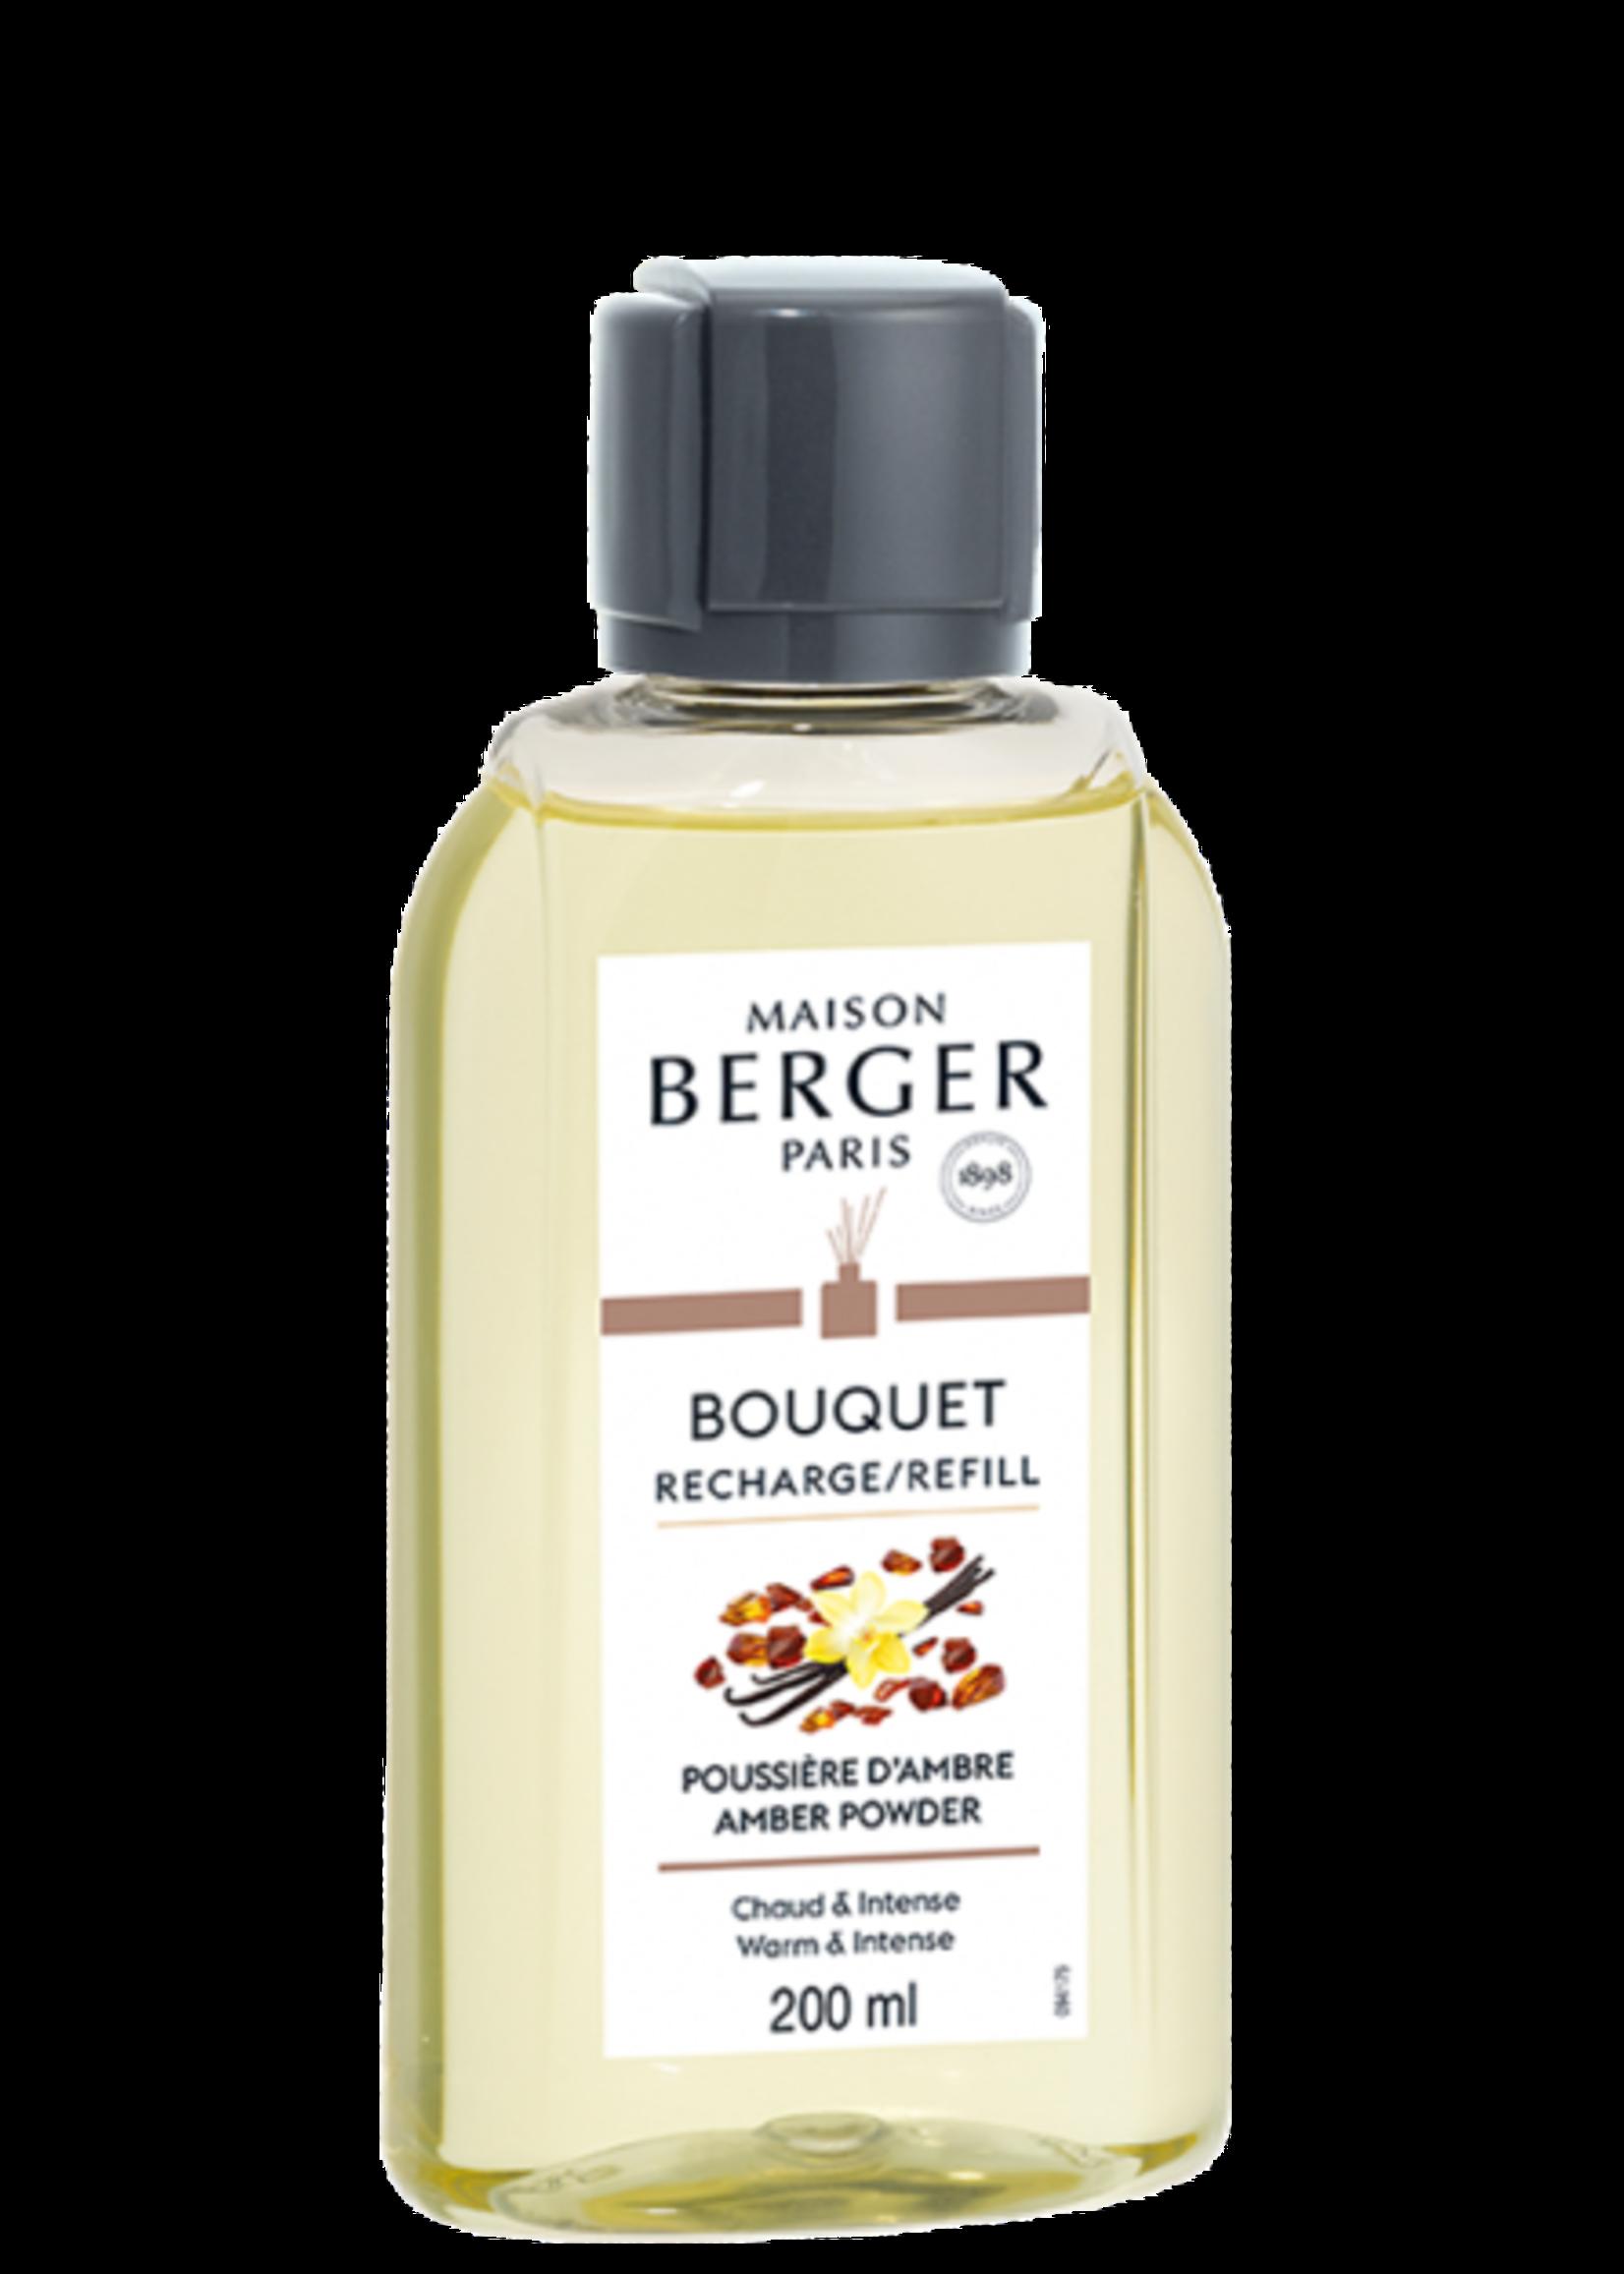 Parfum de Berger Navulling  Parfumverspreider Poussière d'Ambre